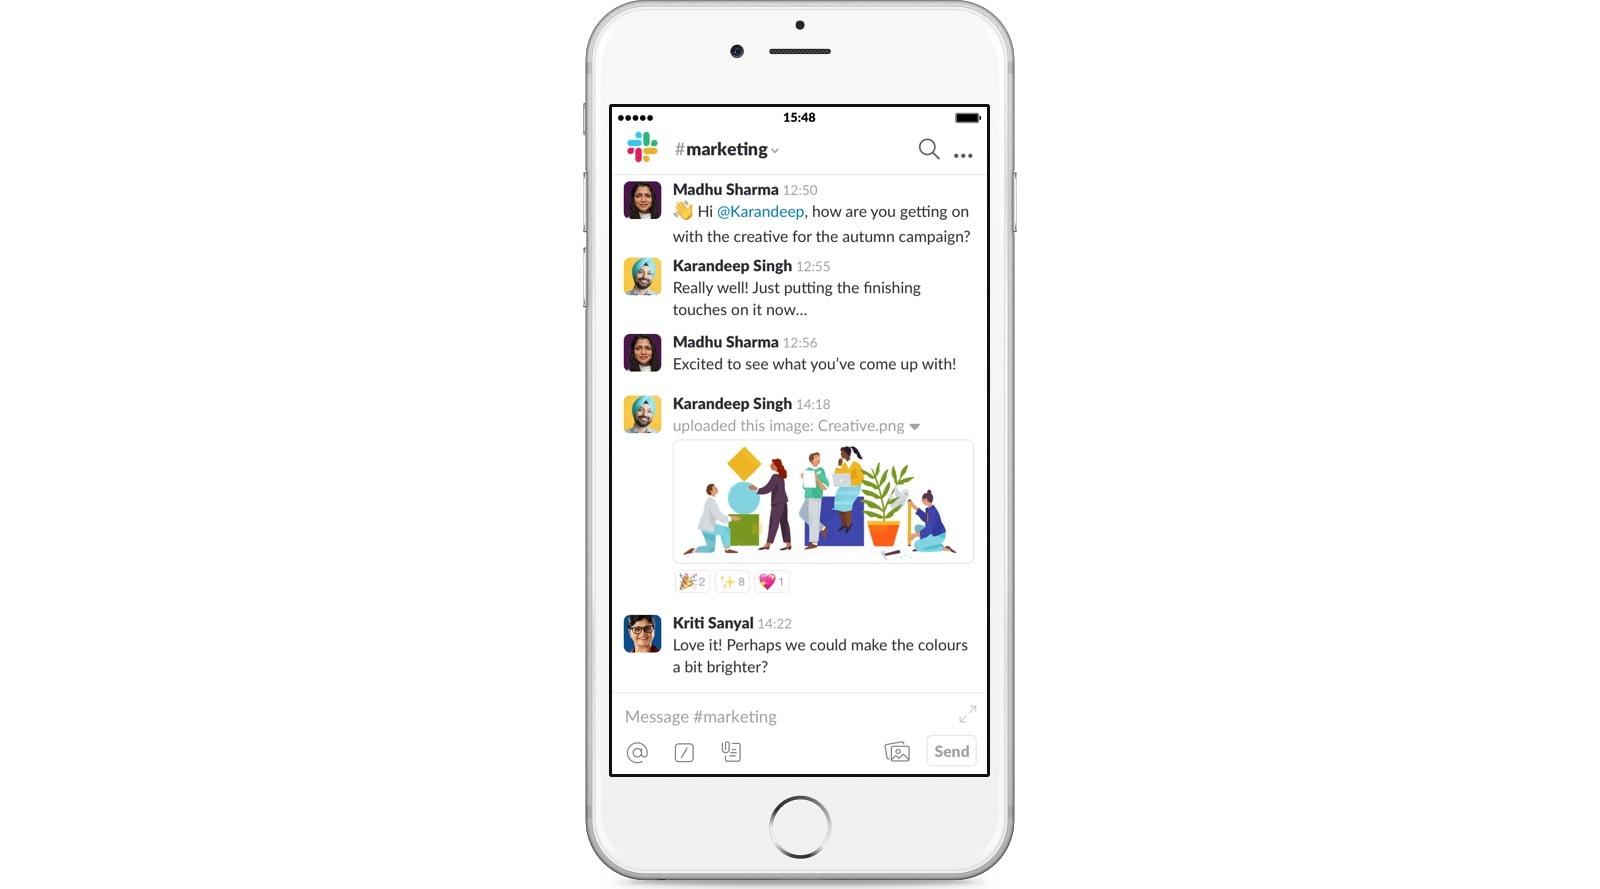 Sforum - Trang thông tin công nghệ mới nhất slack-iphone 5 ứng dụng cần thiết trên iOS để làm việc tại nhà hiệu quả hơn trong mùa dịch